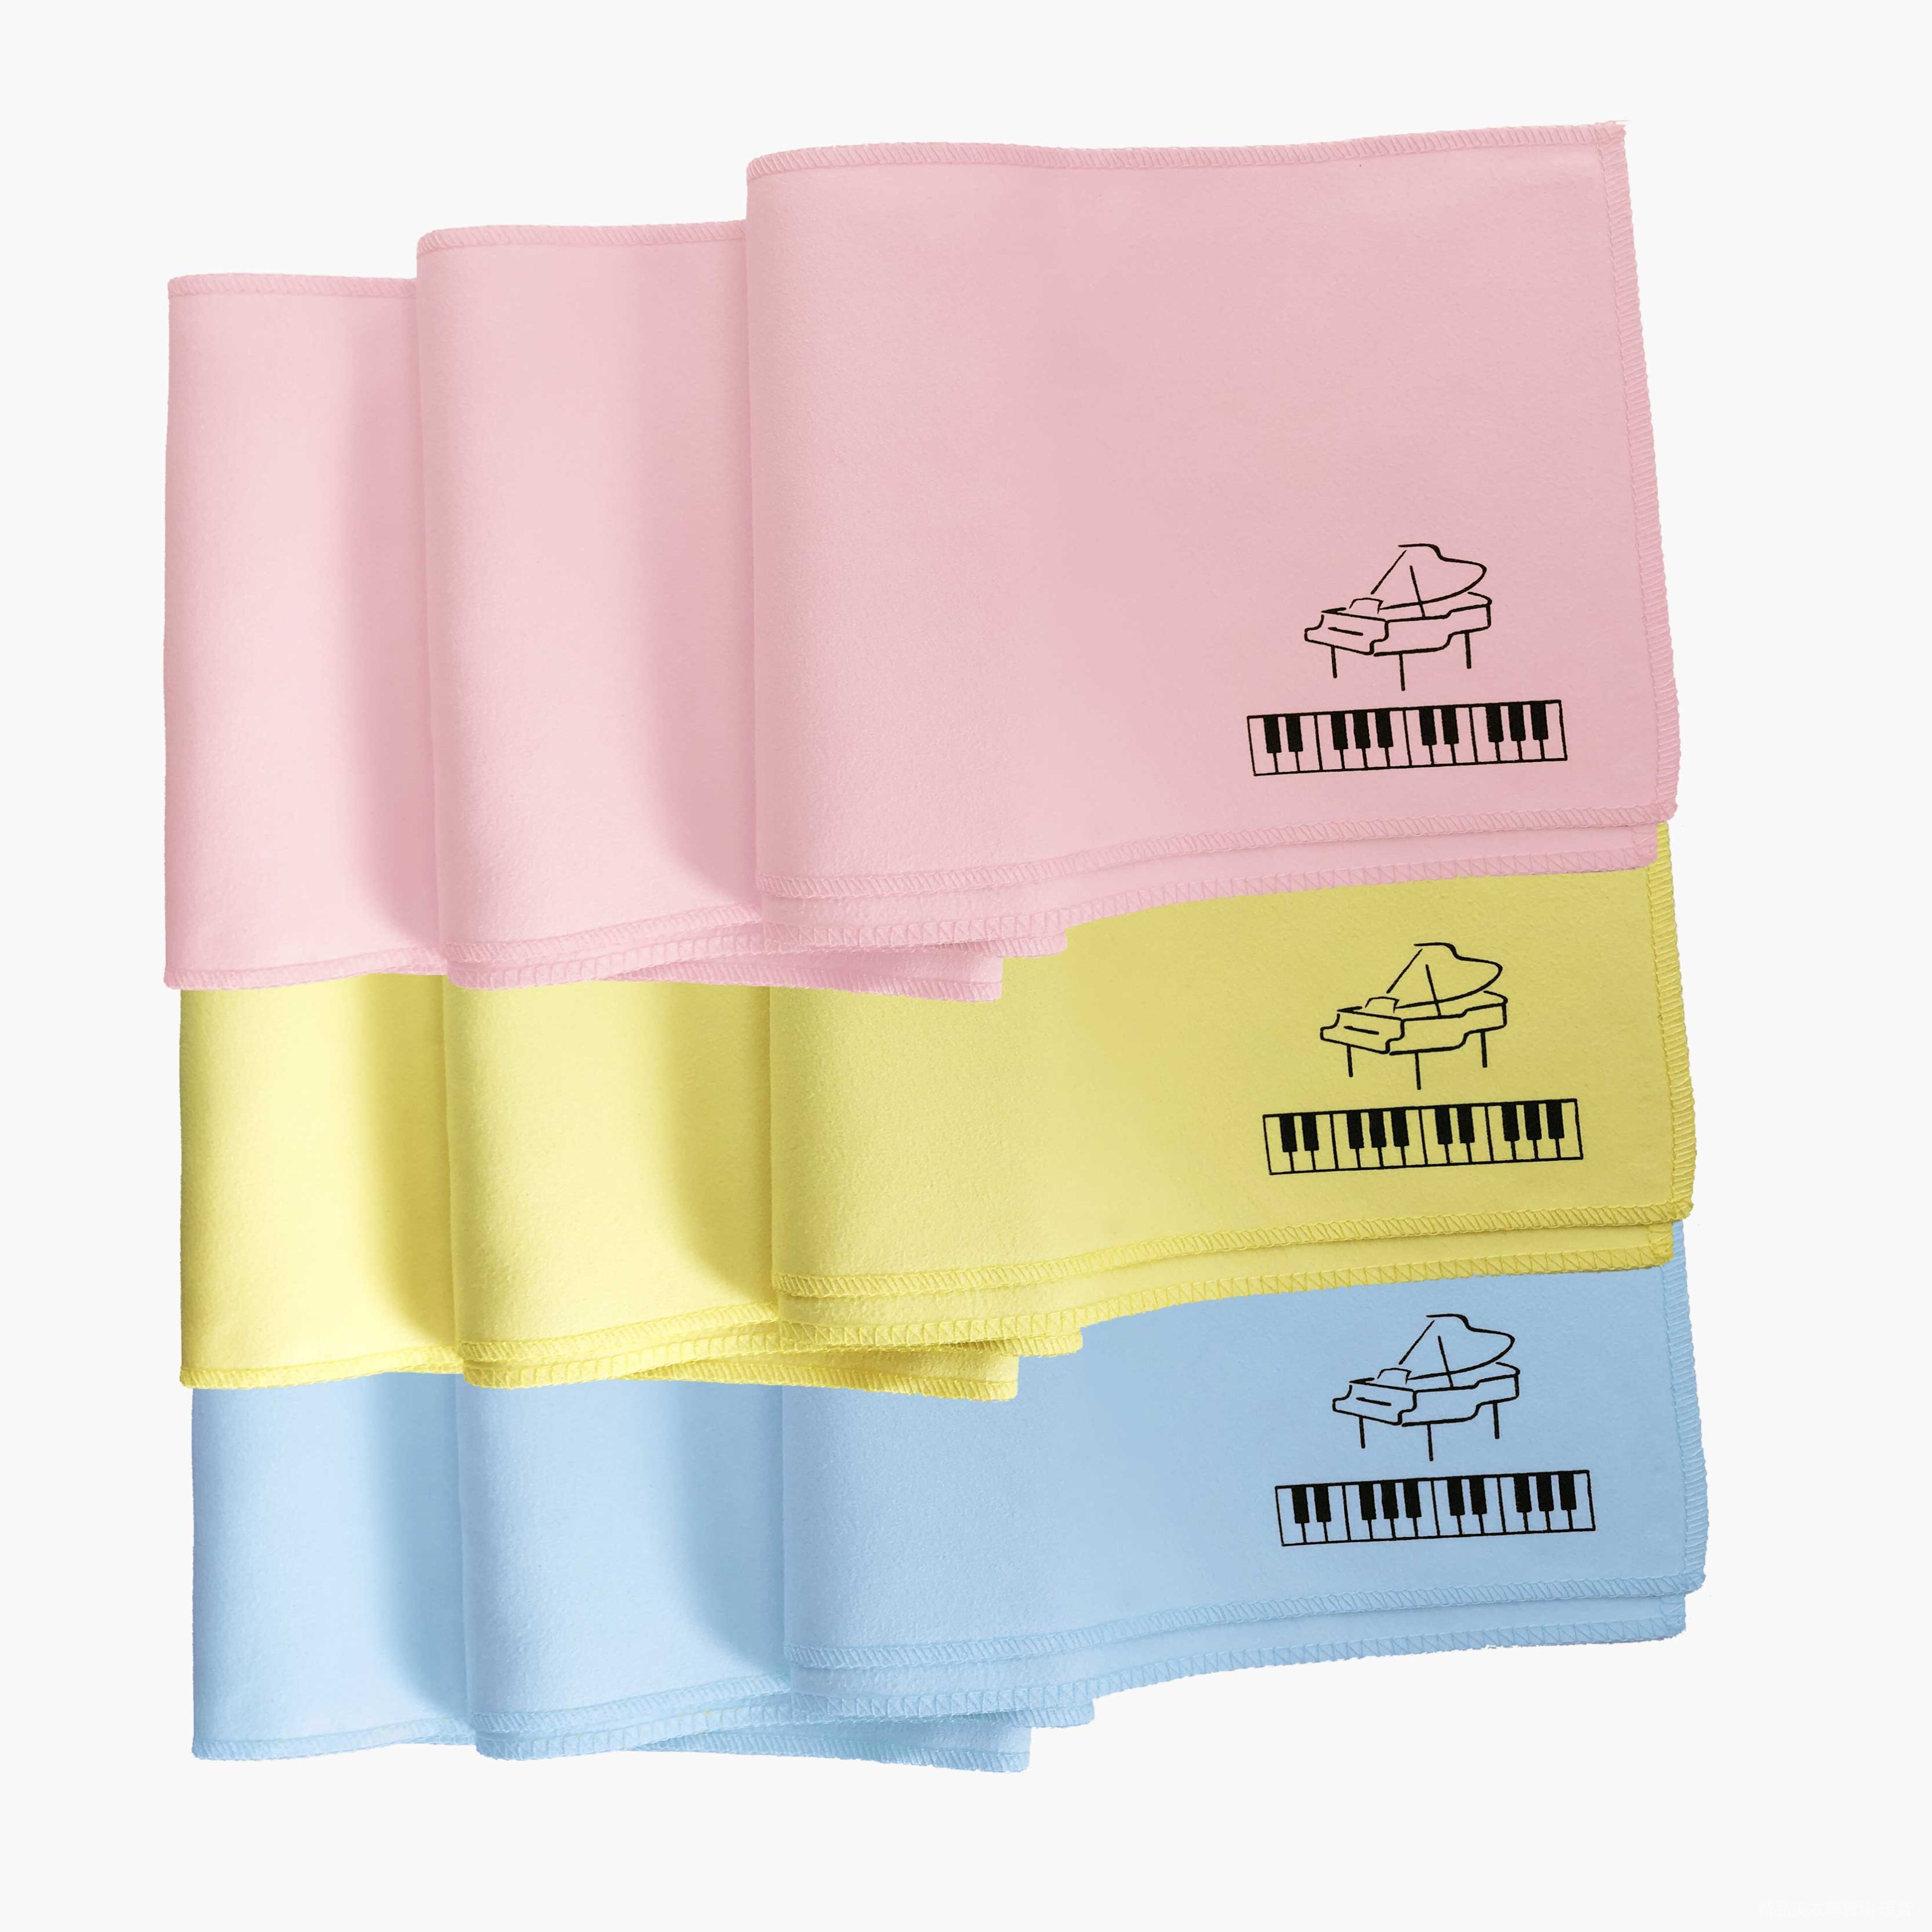 簡約配件蓋巾琴鍵蓋布布罩通用加厚電子琴電鋼琴鋼琴鍵盤防塵布